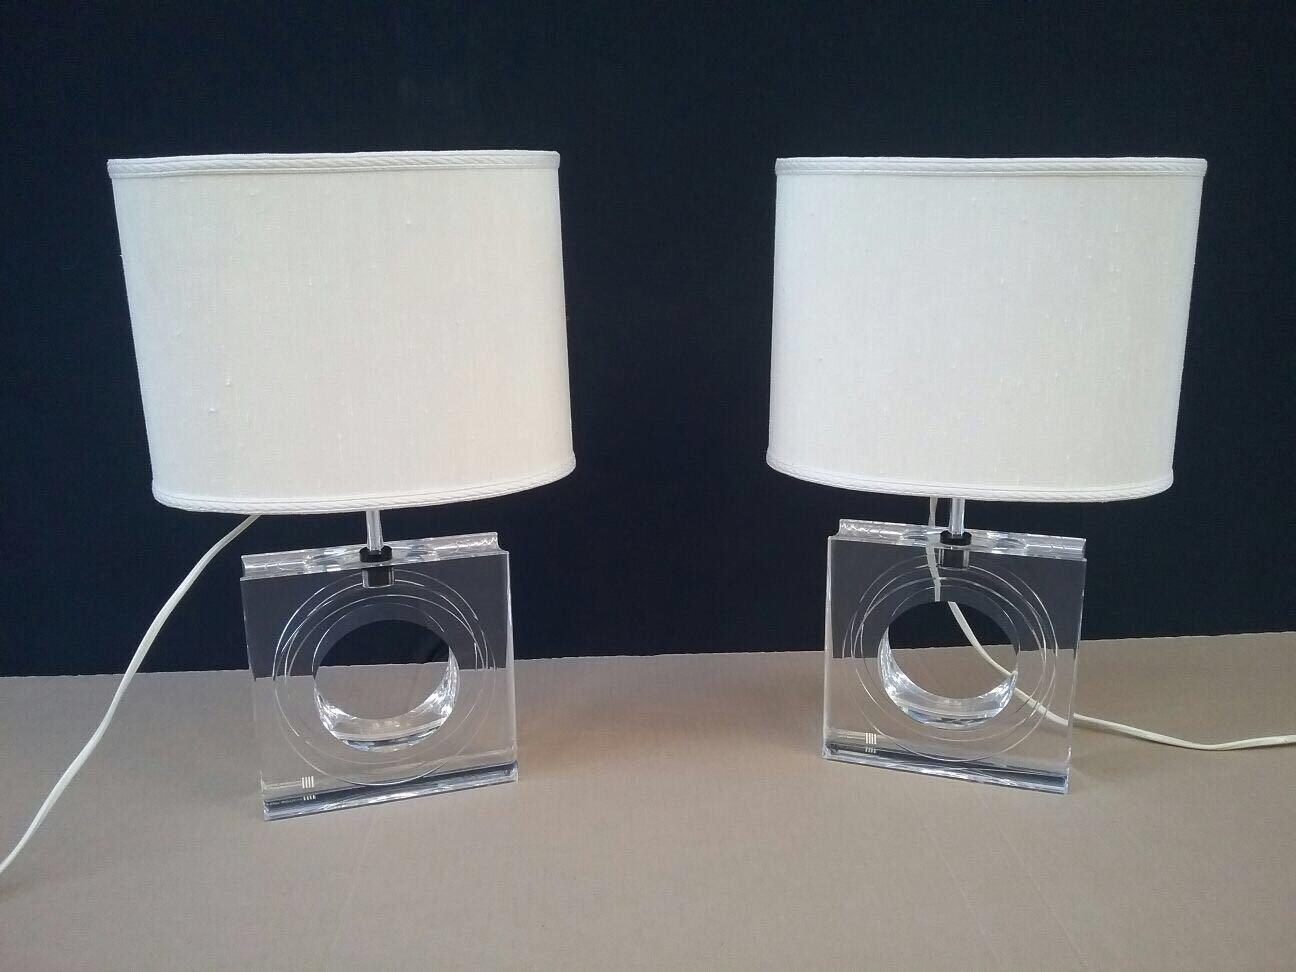 Lampade da tavolo vintage in plexiglas di antonio felice - Lampade da tavolo vintage ...